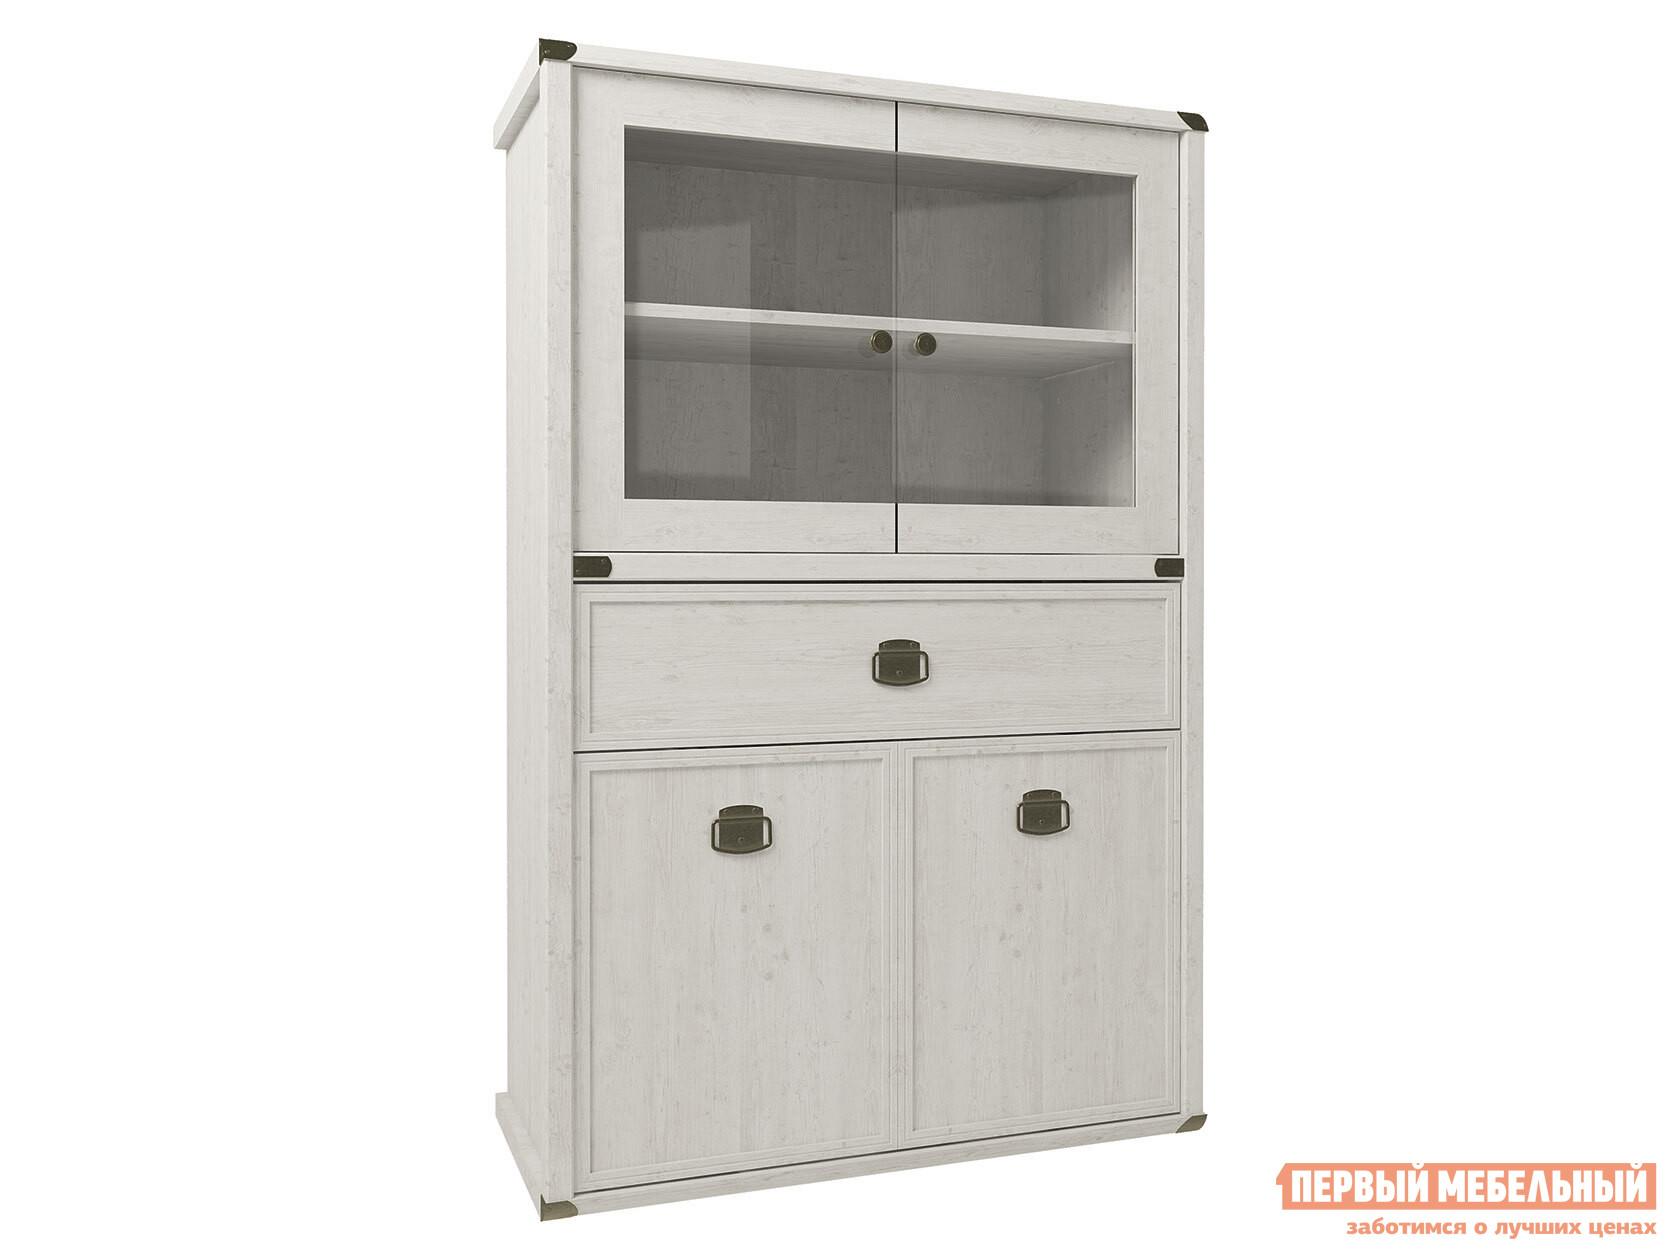 Шкаф-витрина Первый Мебельный Шкаф-витрина низкий Магеллан шкаф витрина первый мебельный пенал витрина низкий оскар